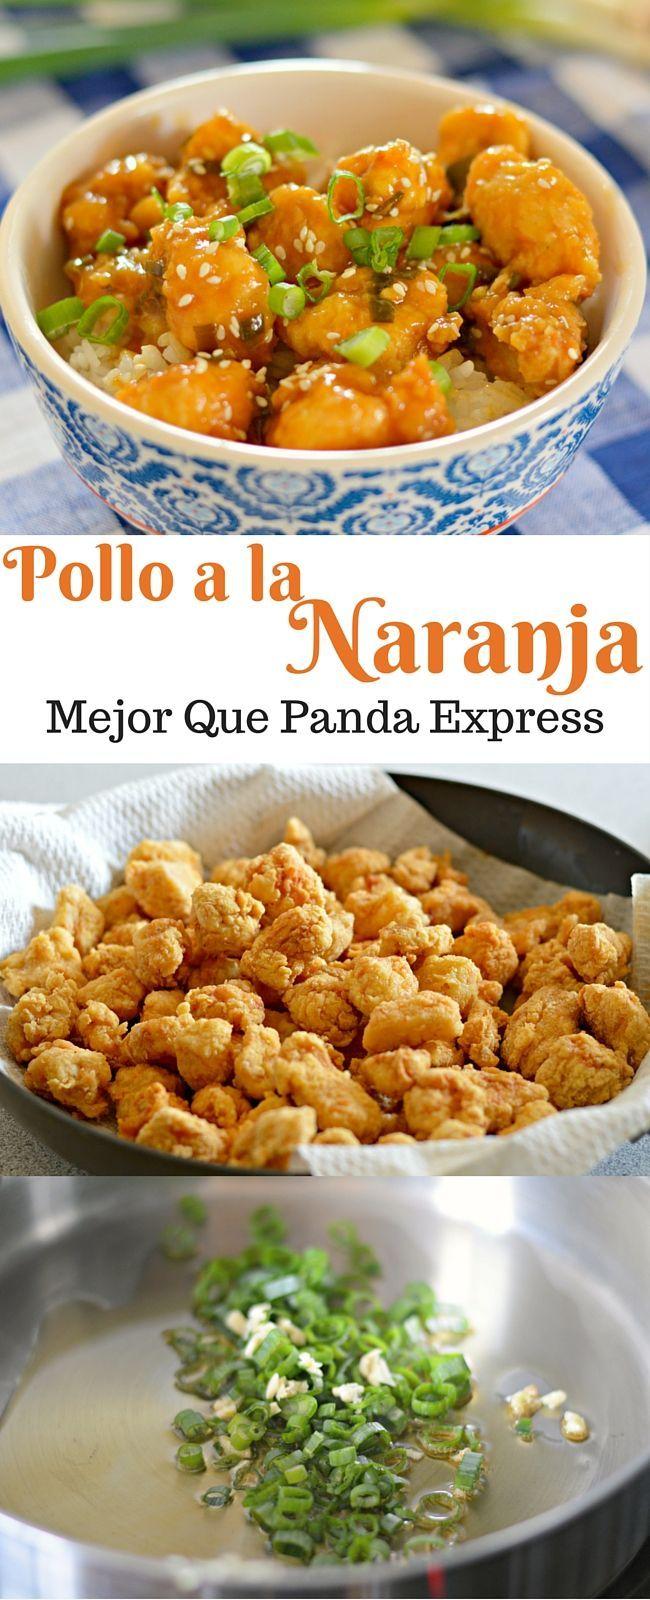 Pollo a la naranja mejor sabor que el de panda express recipe pollo a la naranja mejor sabor que el de panda express recipe food recipes and deli forumfinder Choice Image